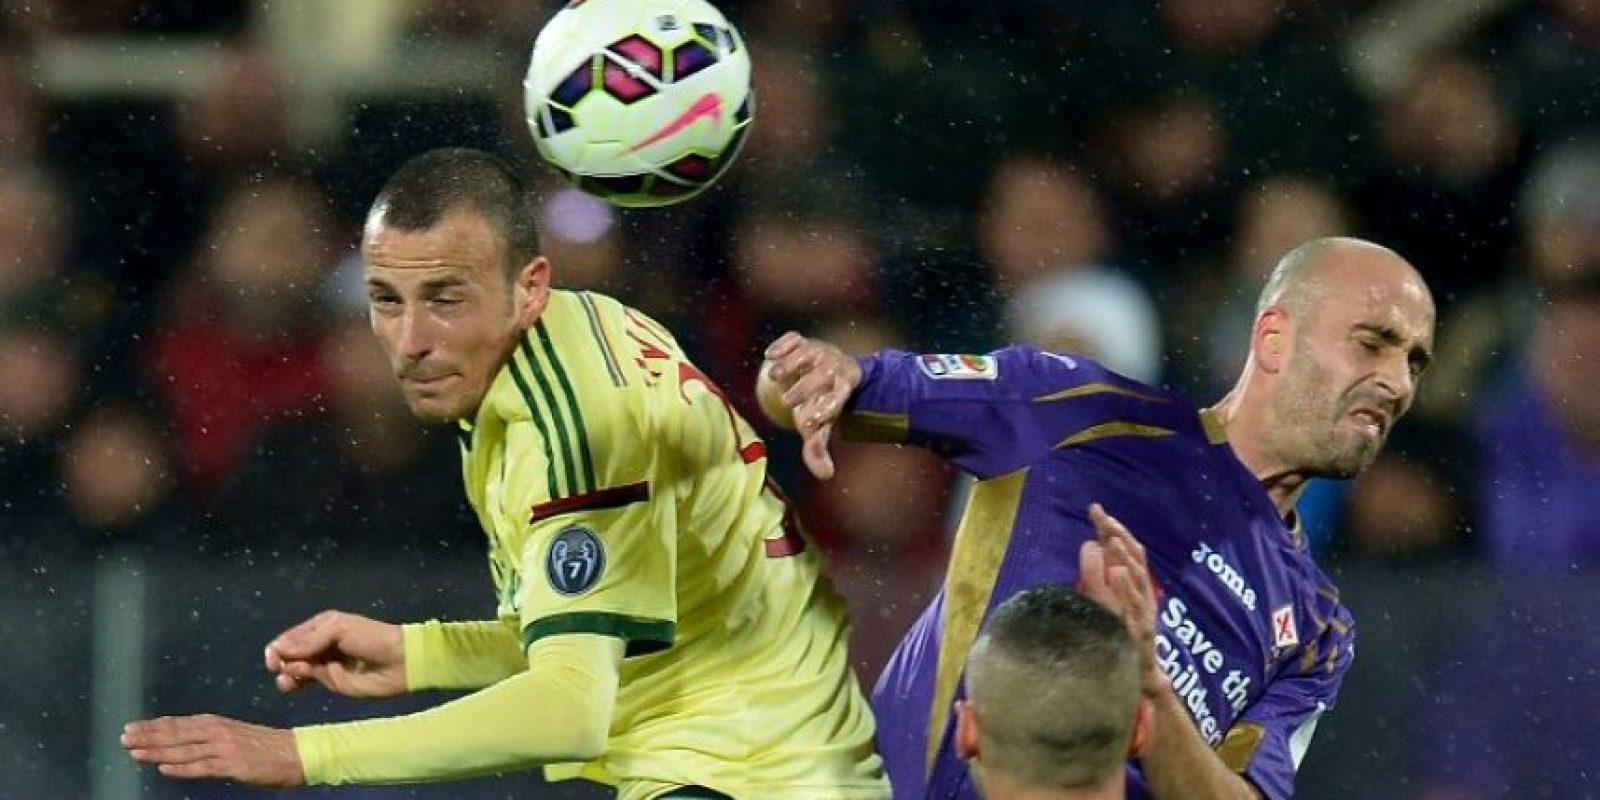 Los jugadores de ambos equipos no se percataron de que el juez salió y tuvo que ser sustituido. Foto:AFP